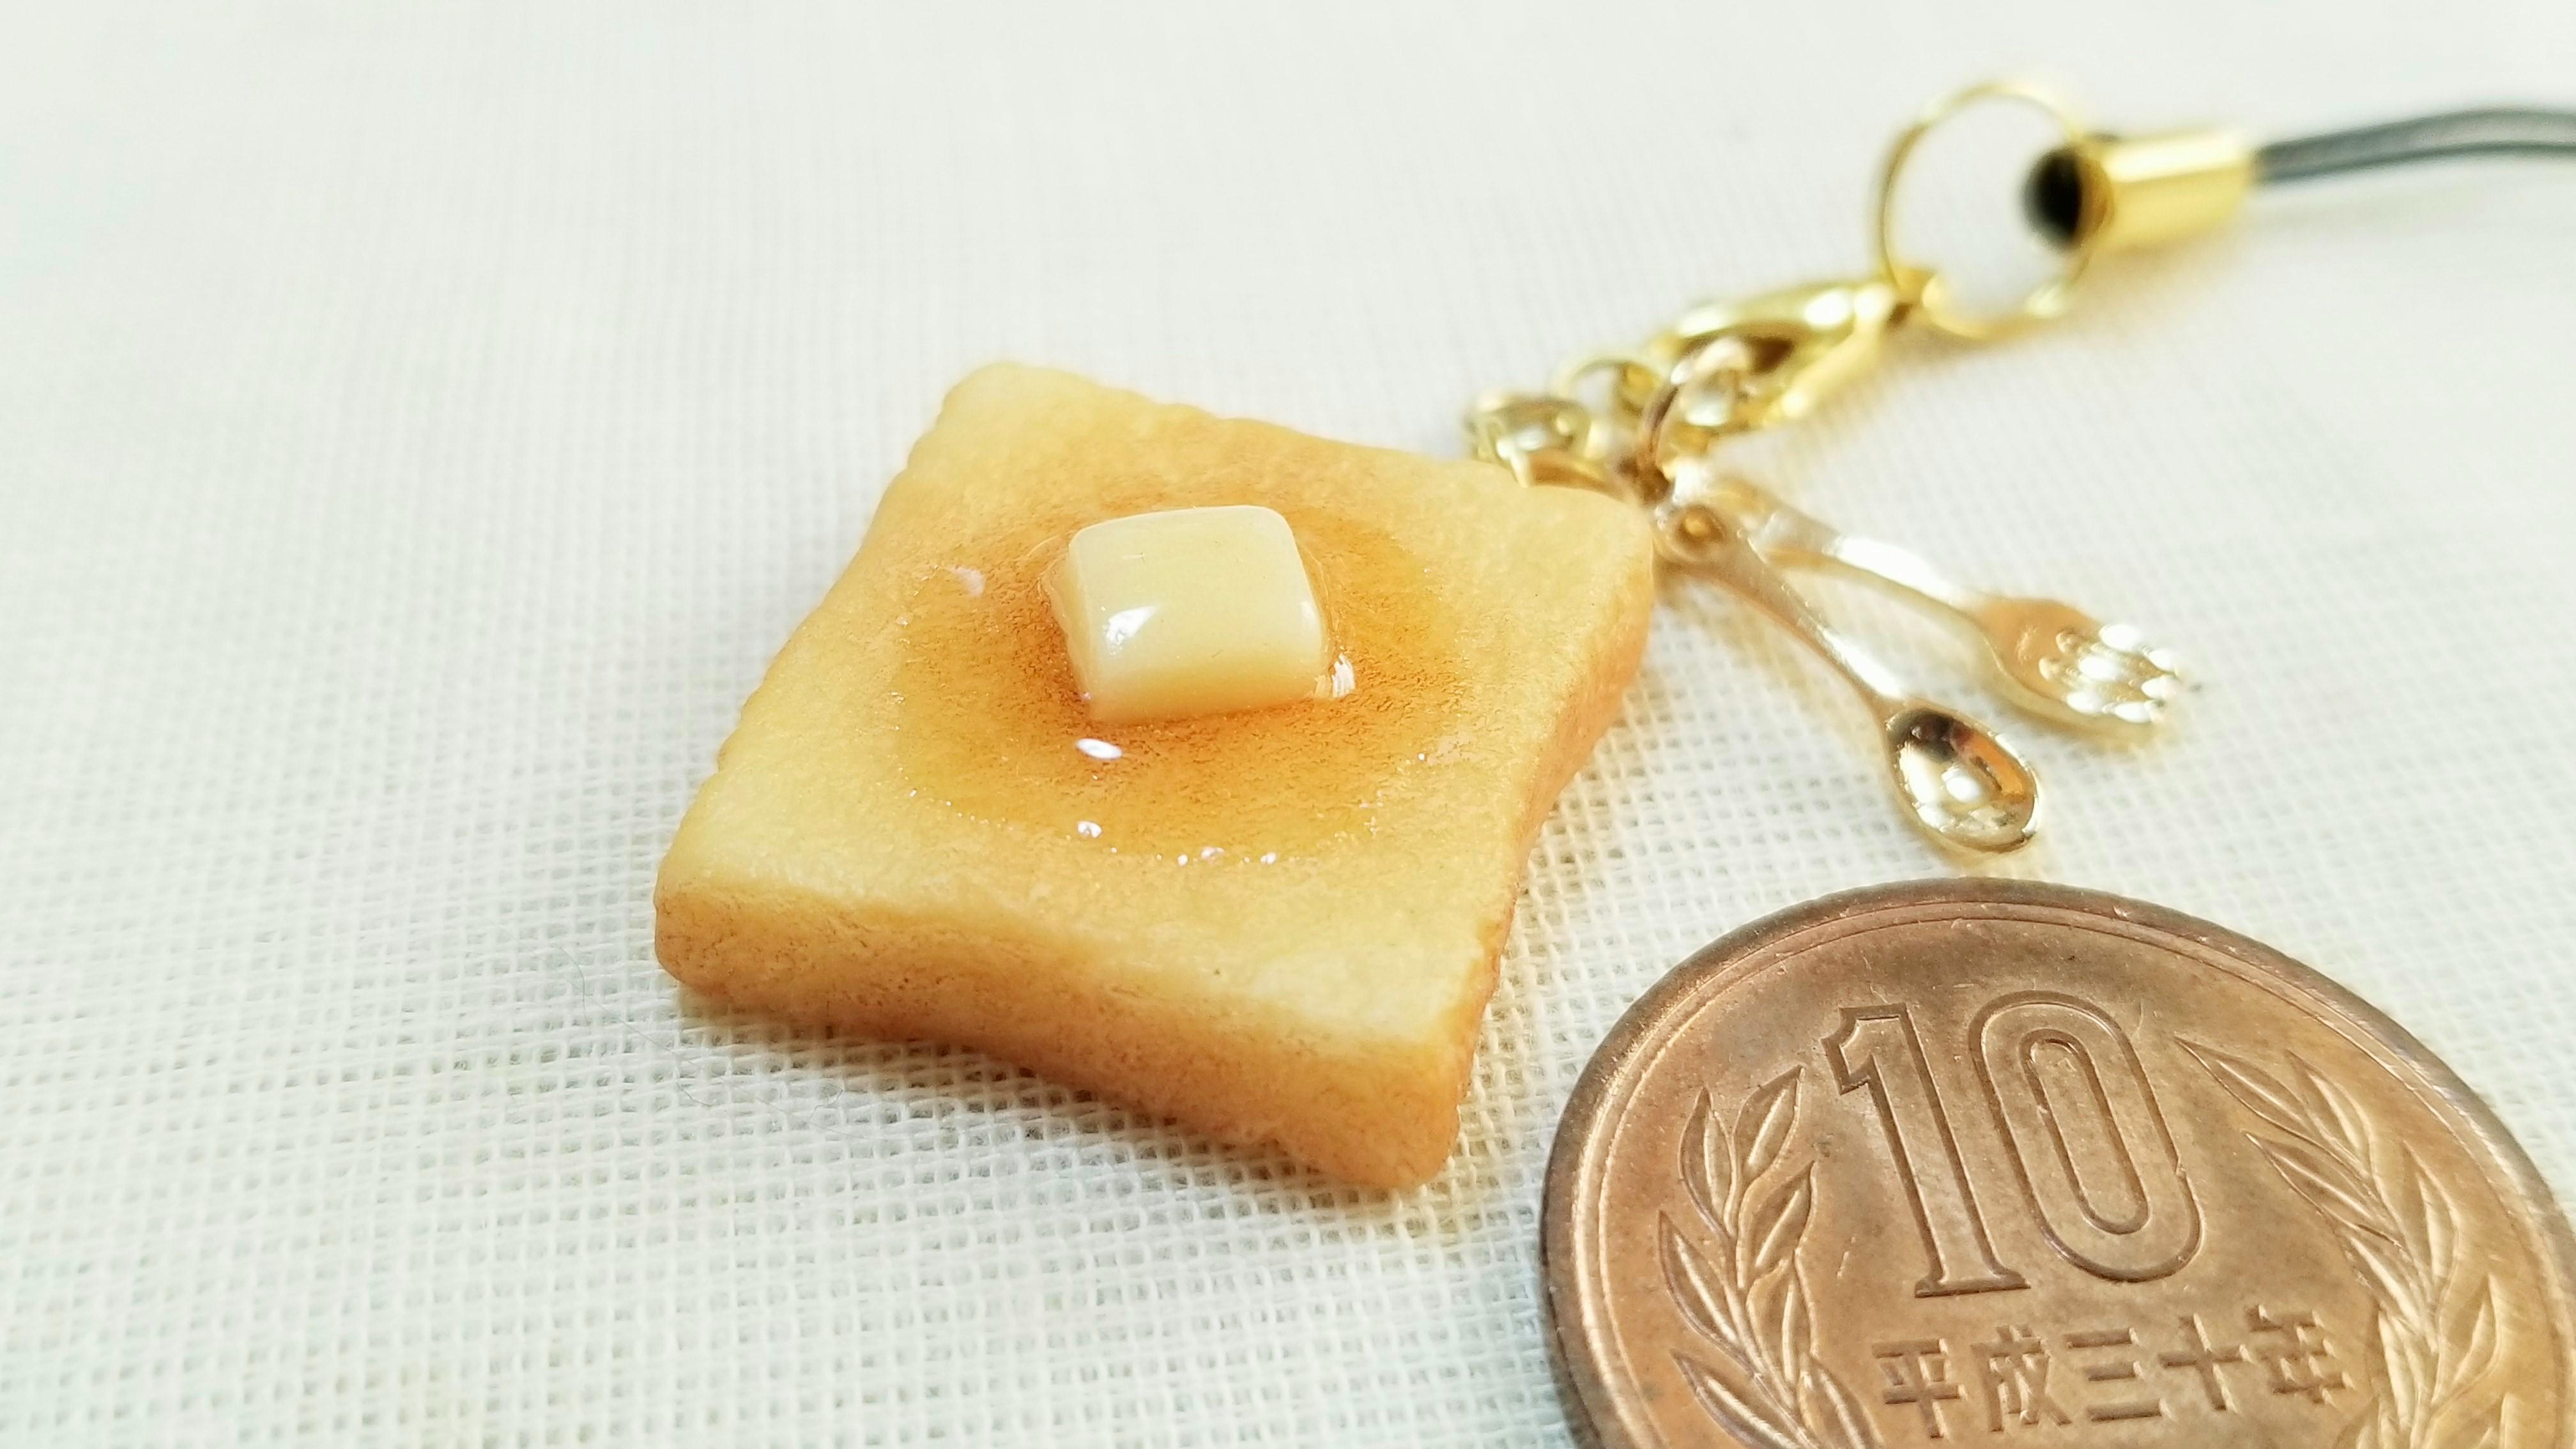 ミニチュアフード樹脂粘土食パントーストかわいい小物人気おすすめ